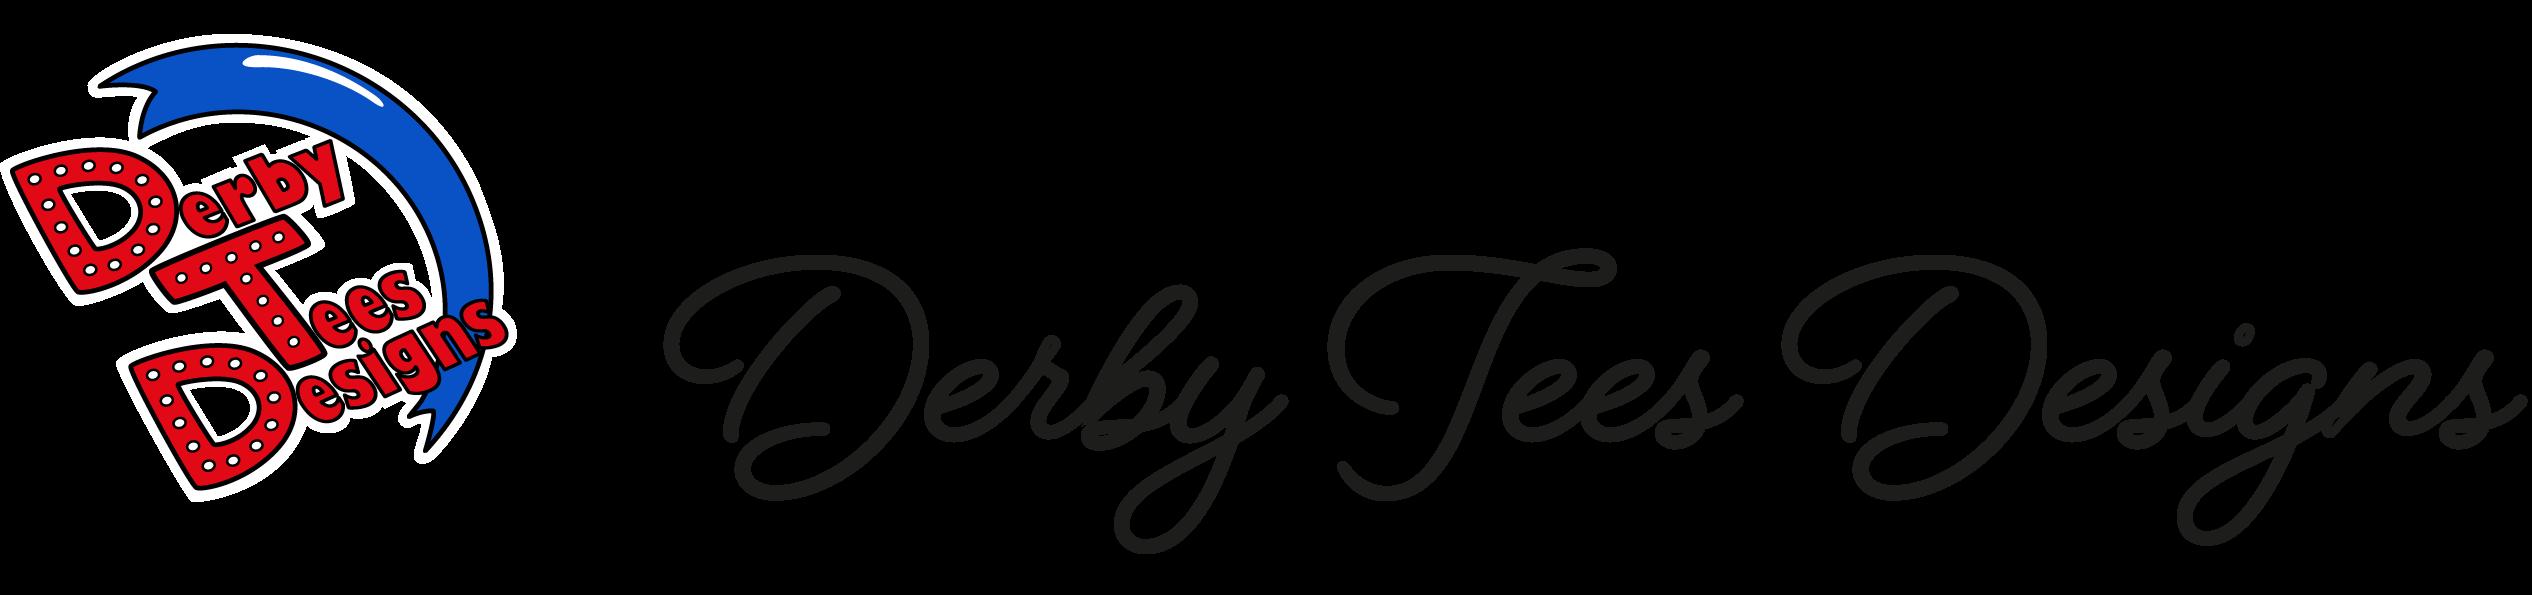 Derby Tees Designs